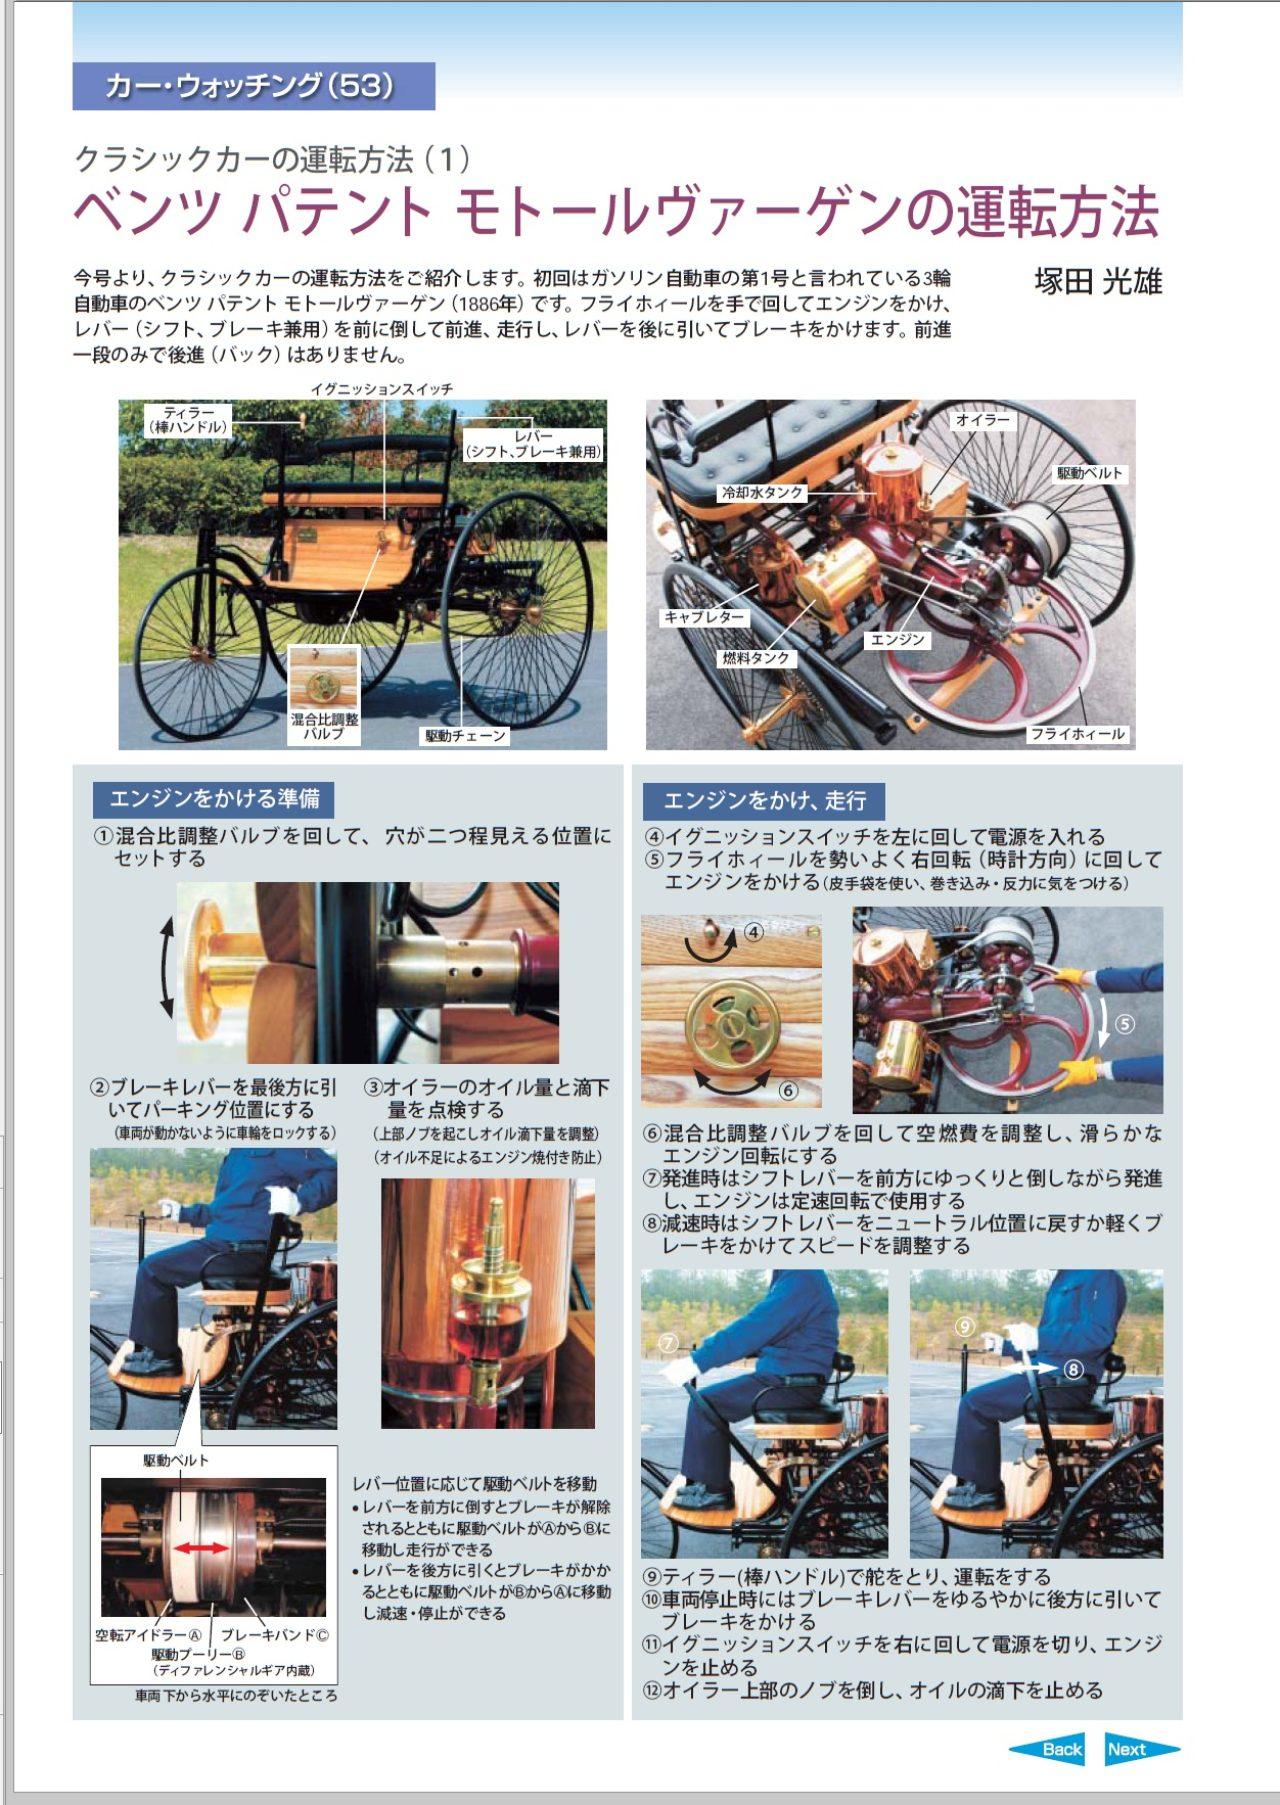 画像2: www.toyota.co.jp